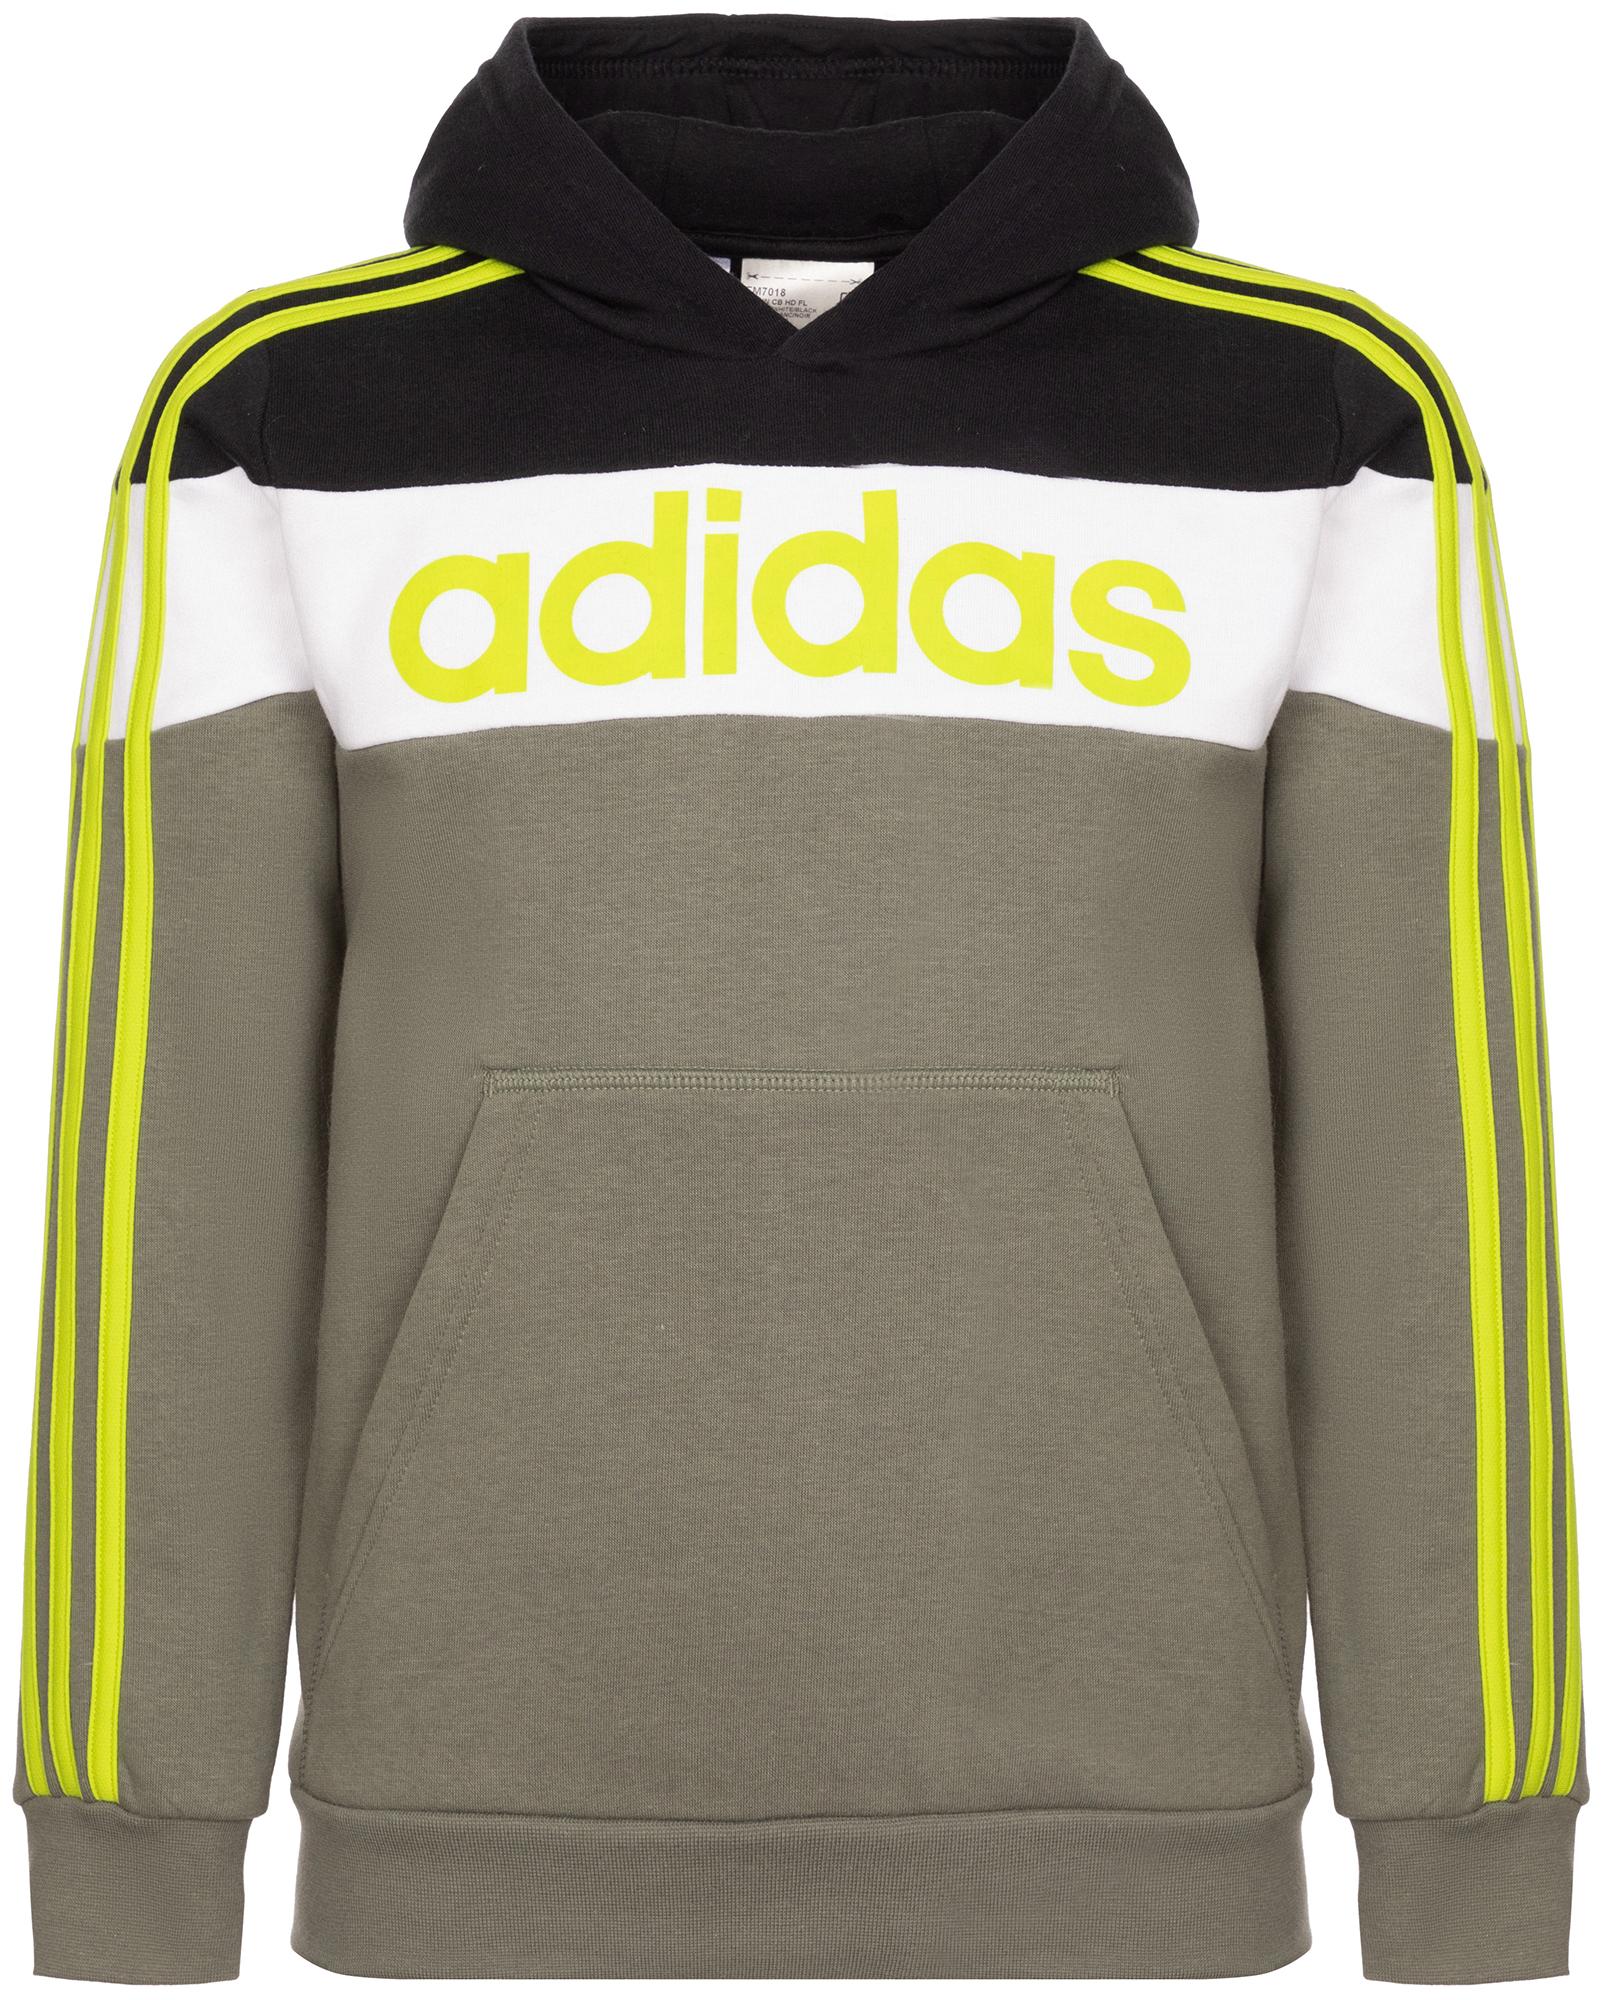 Adidas Худи для мальчиков Adidas Linear, размер 140